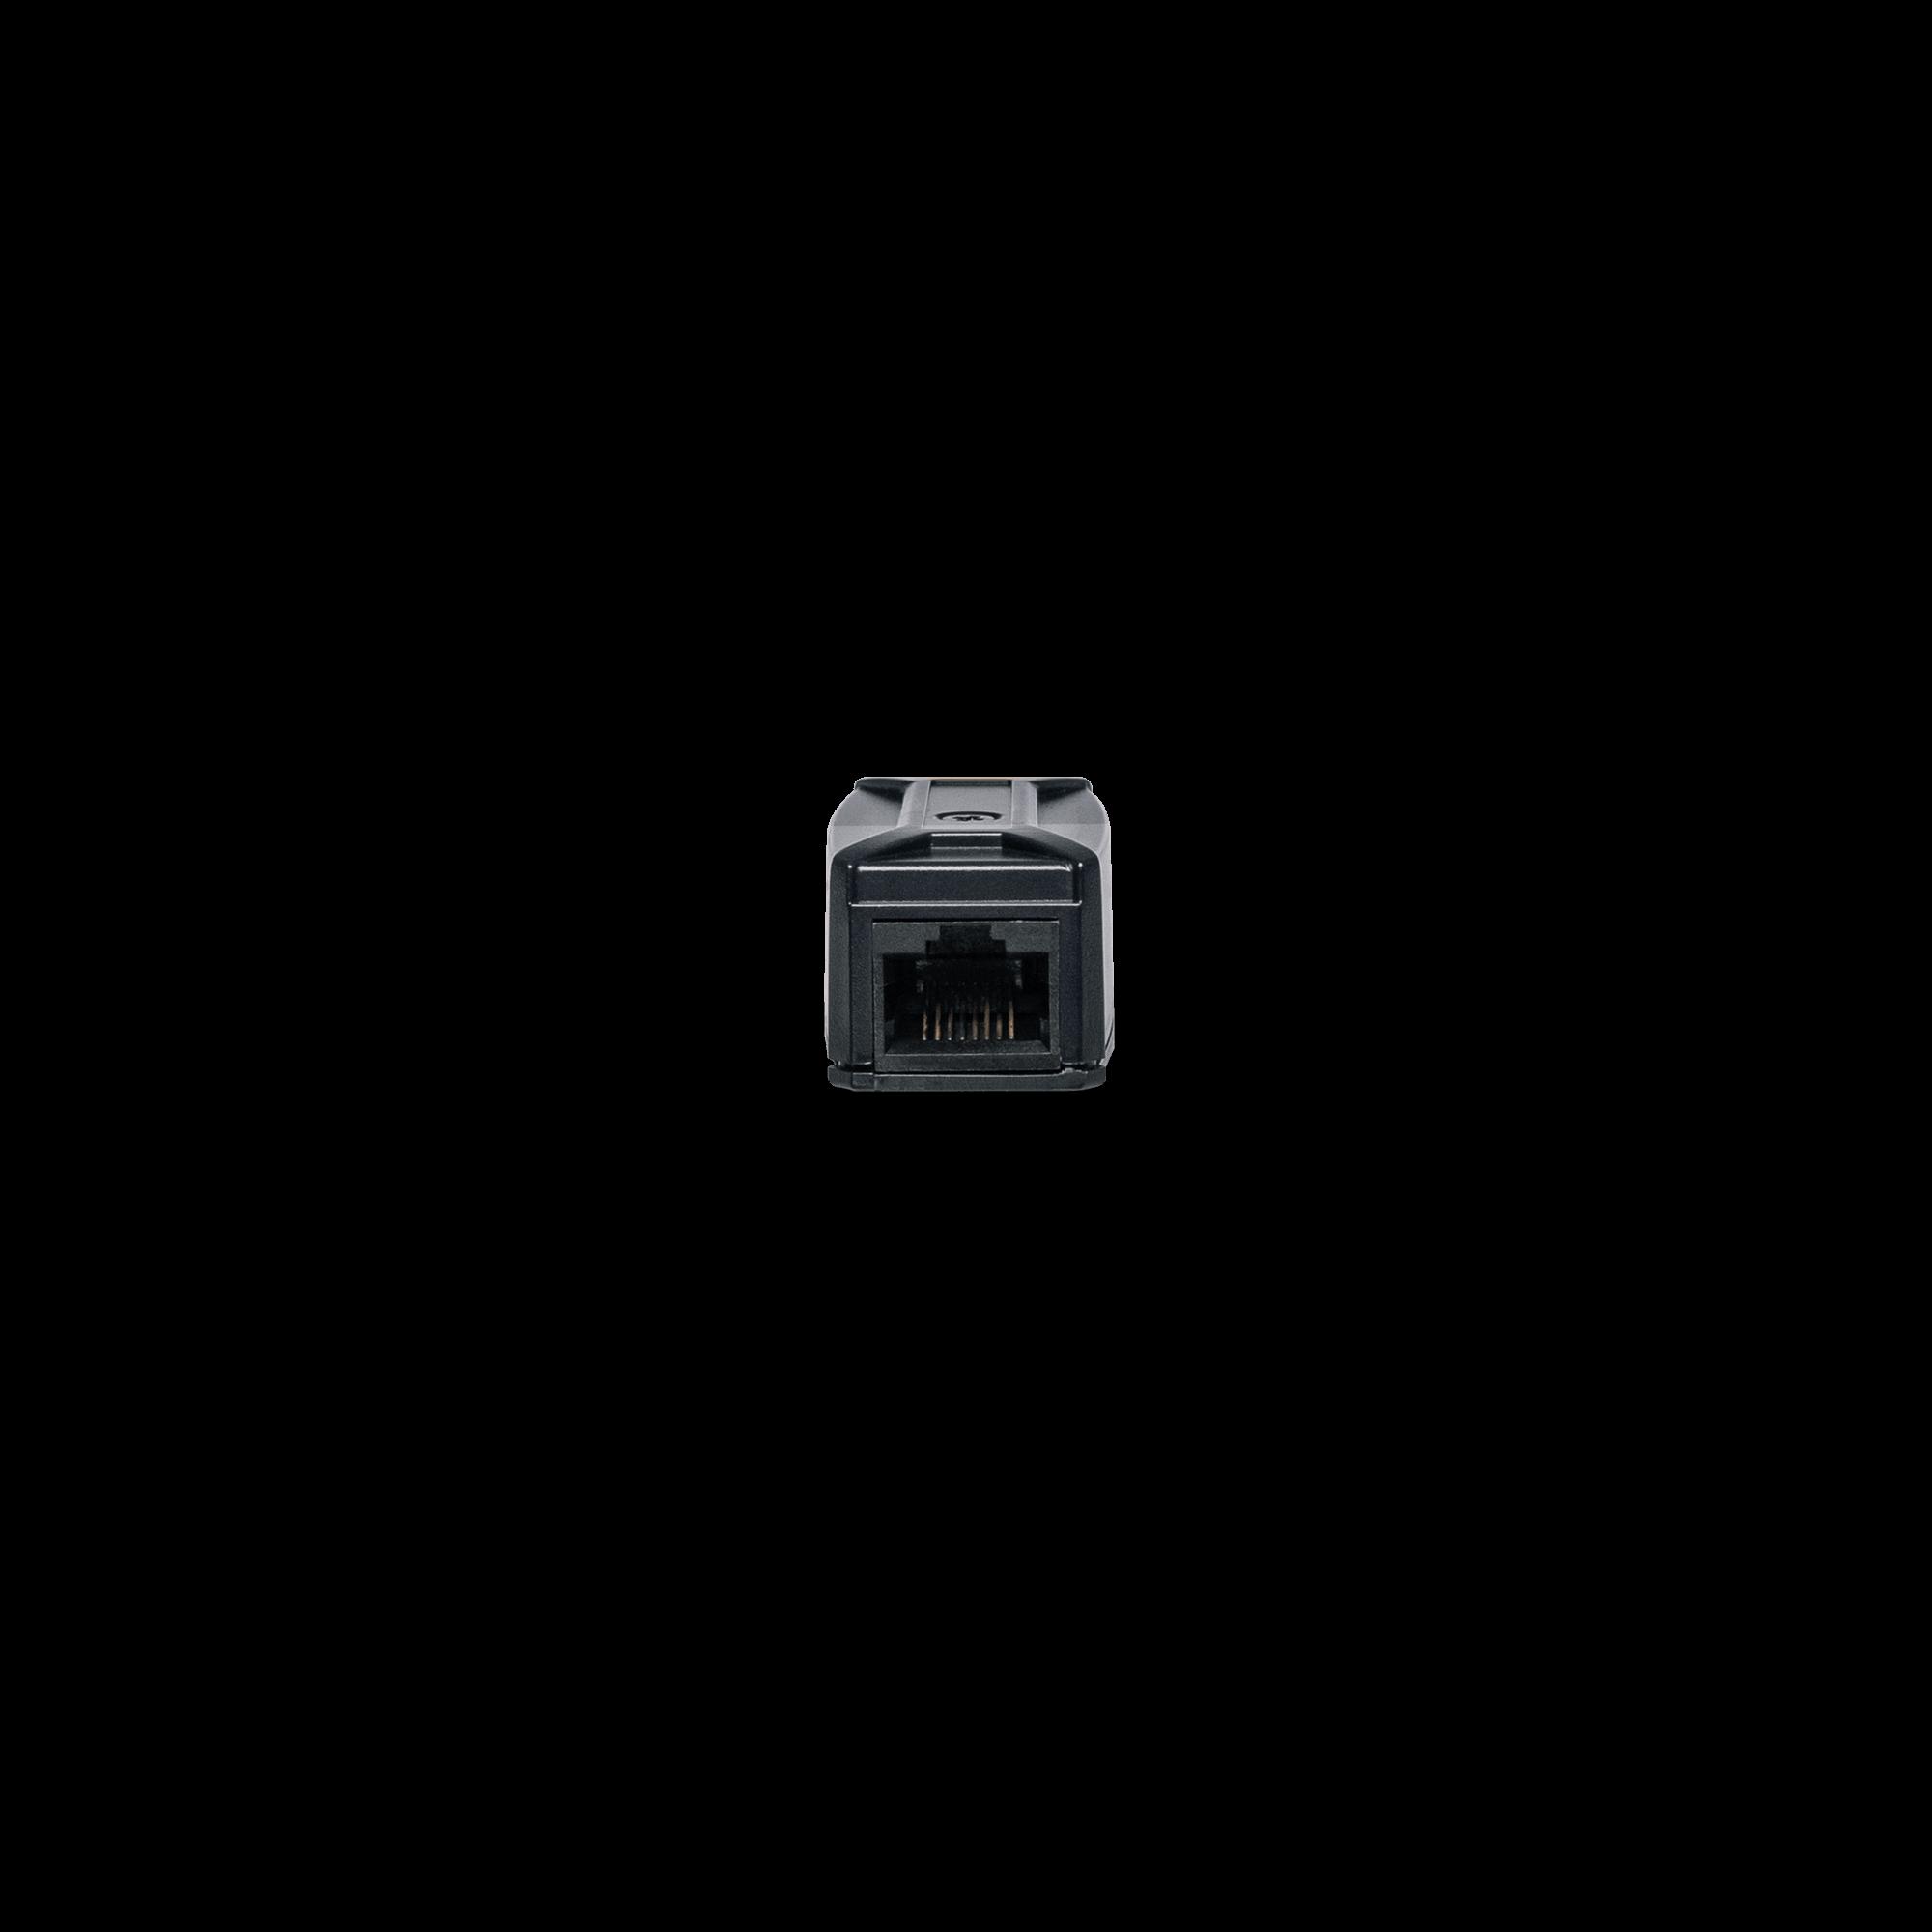 HD-TVI/AHD/HDCVI/CVBS Video Balun RJ45 Connector